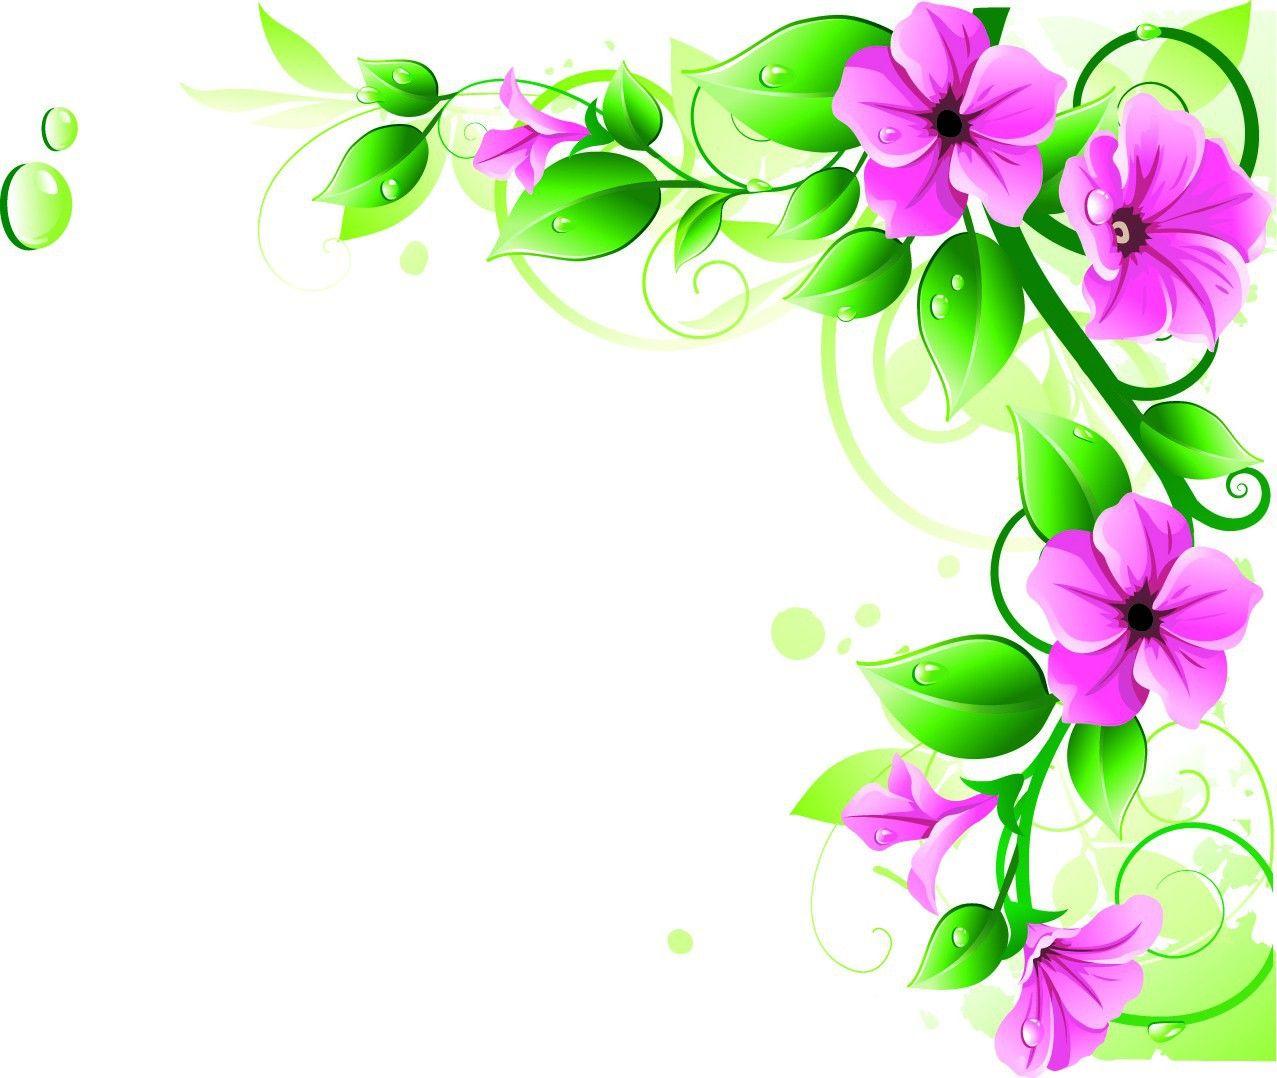 marcos de flores moradas - Buscar con Google | Dibujitos ...